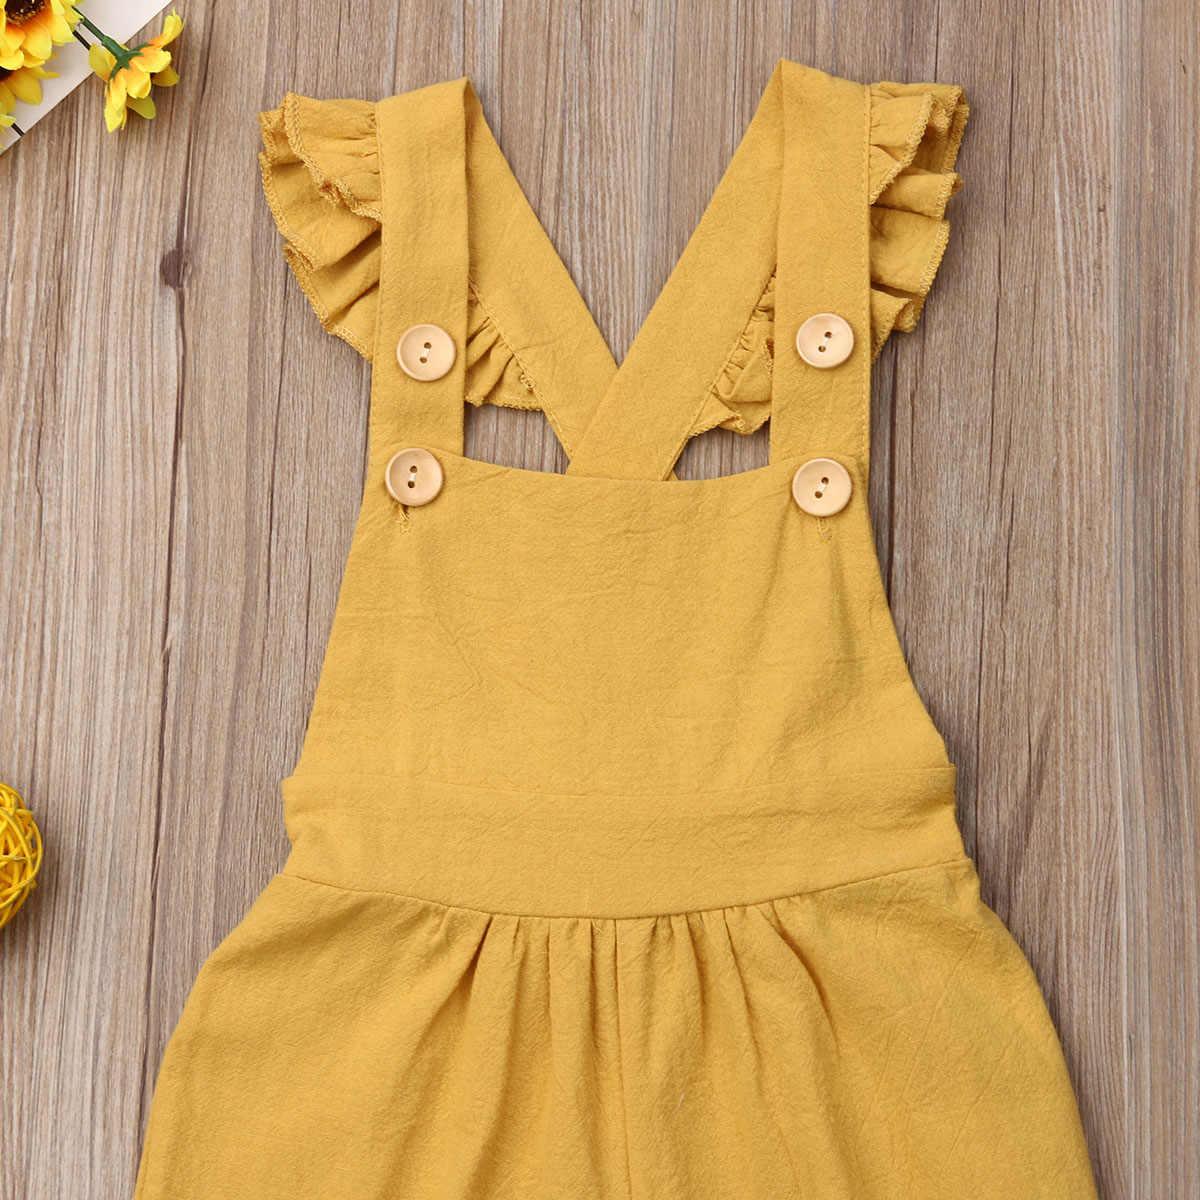 1-4 anos Unisex Bebê Macacão Sem Mangas Botão Bebê Crianças Da Criança Bodysuit Playsuit Macacão Amarelo Roxo Conjunto de Roupas Menina